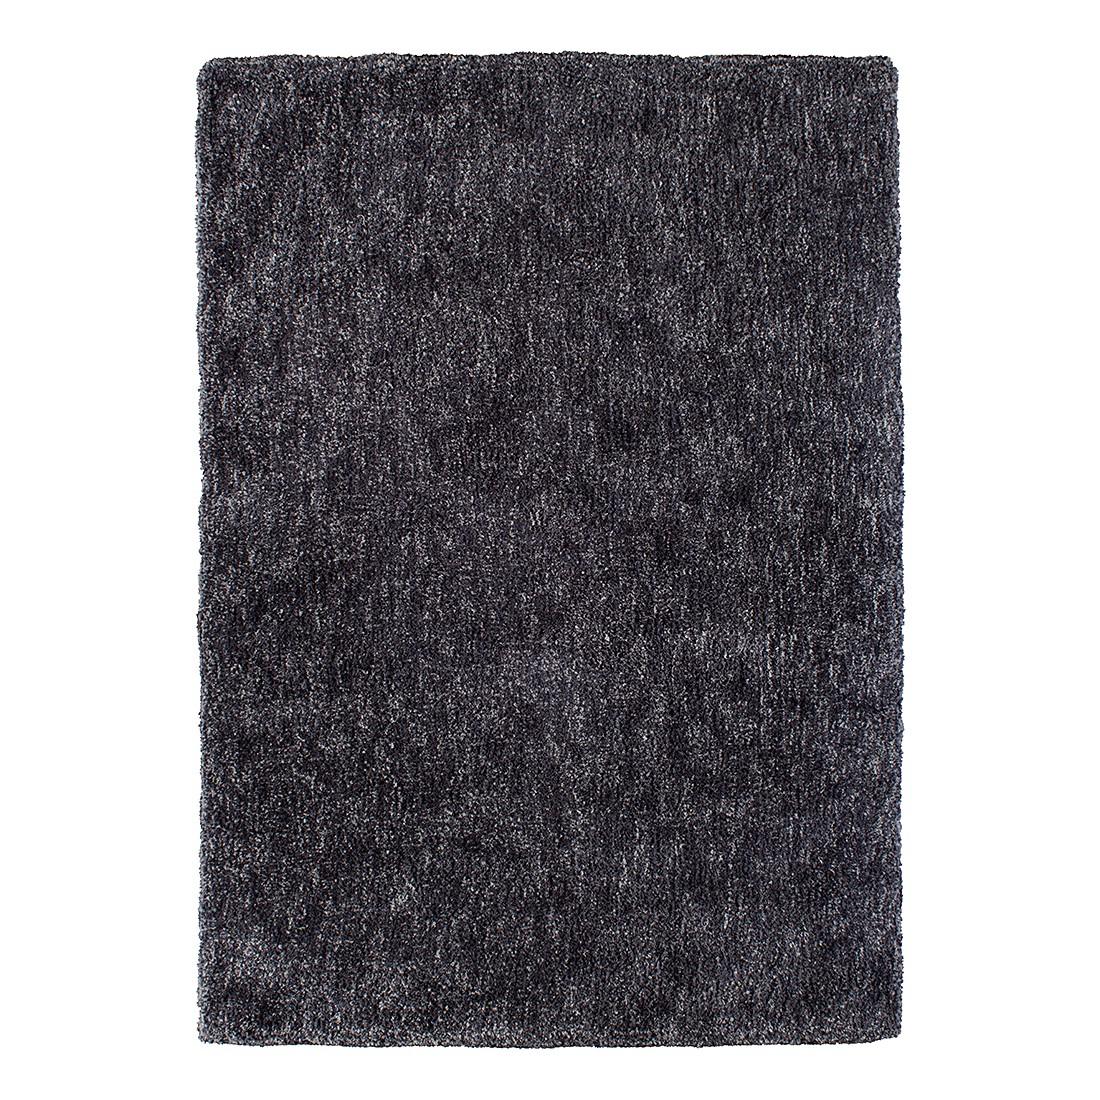 teppiche hochflor 250x250 preisvergleich die besten. Black Bedroom Furniture Sets. Home Design Ideas